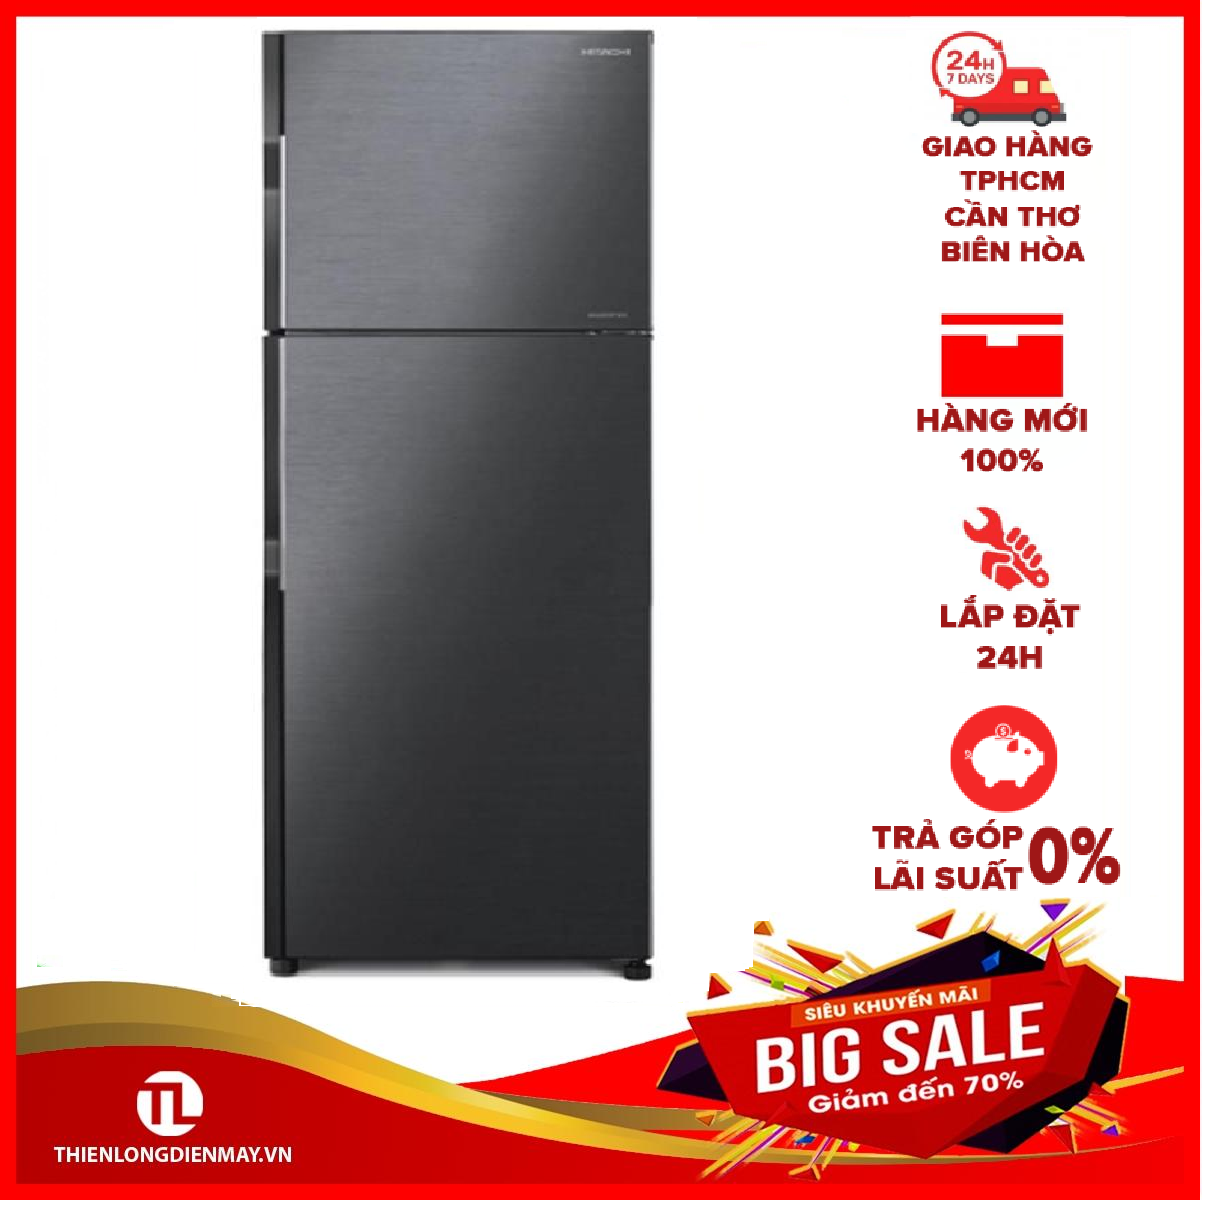 Ả GÓP 0% – Tủ lạnh Hitachi Inverter R-H200PGV7 BBK – Bảo hành 12 tháng